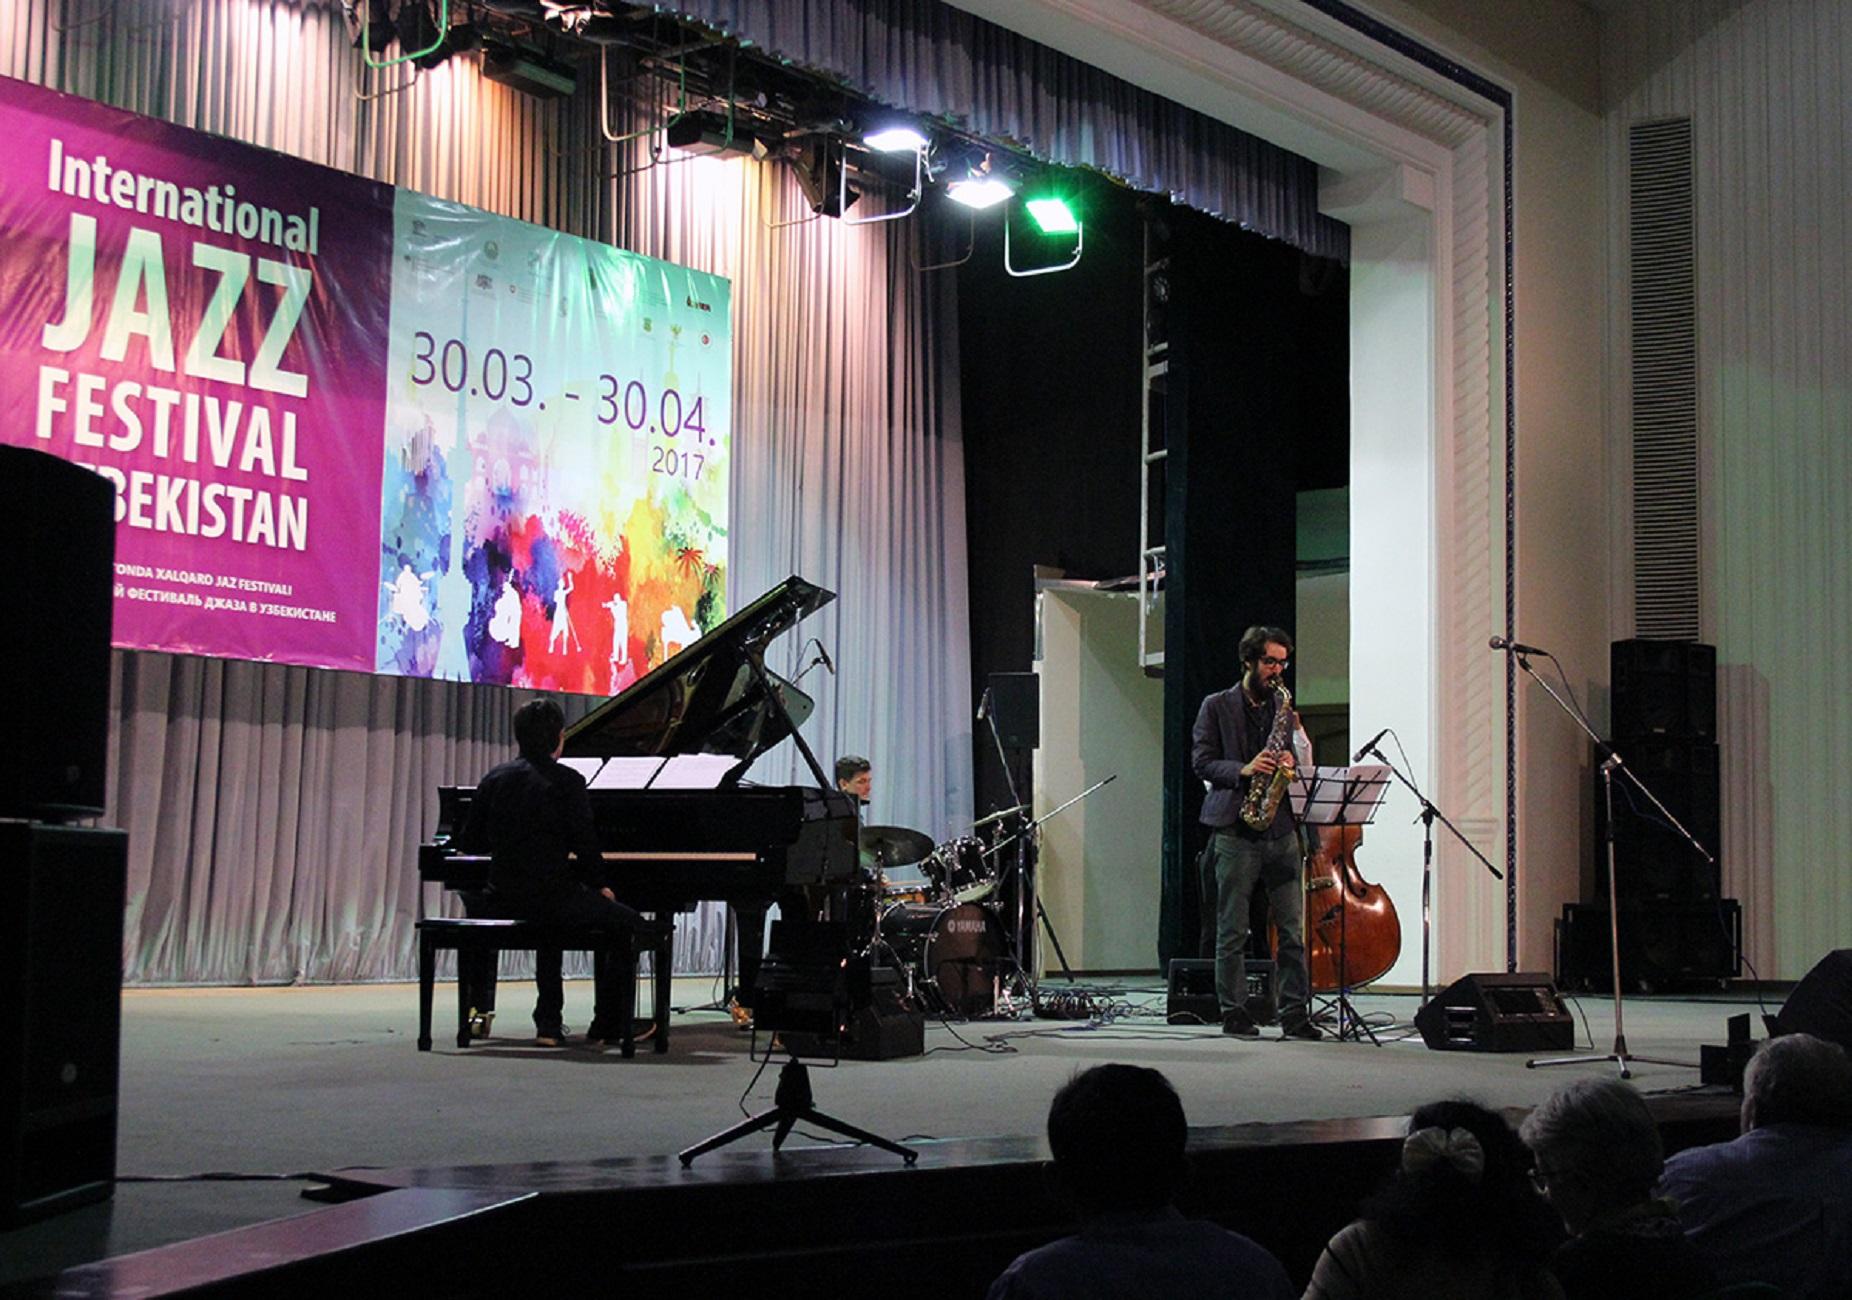 Джаз в Узбекистане объединил разные культуры